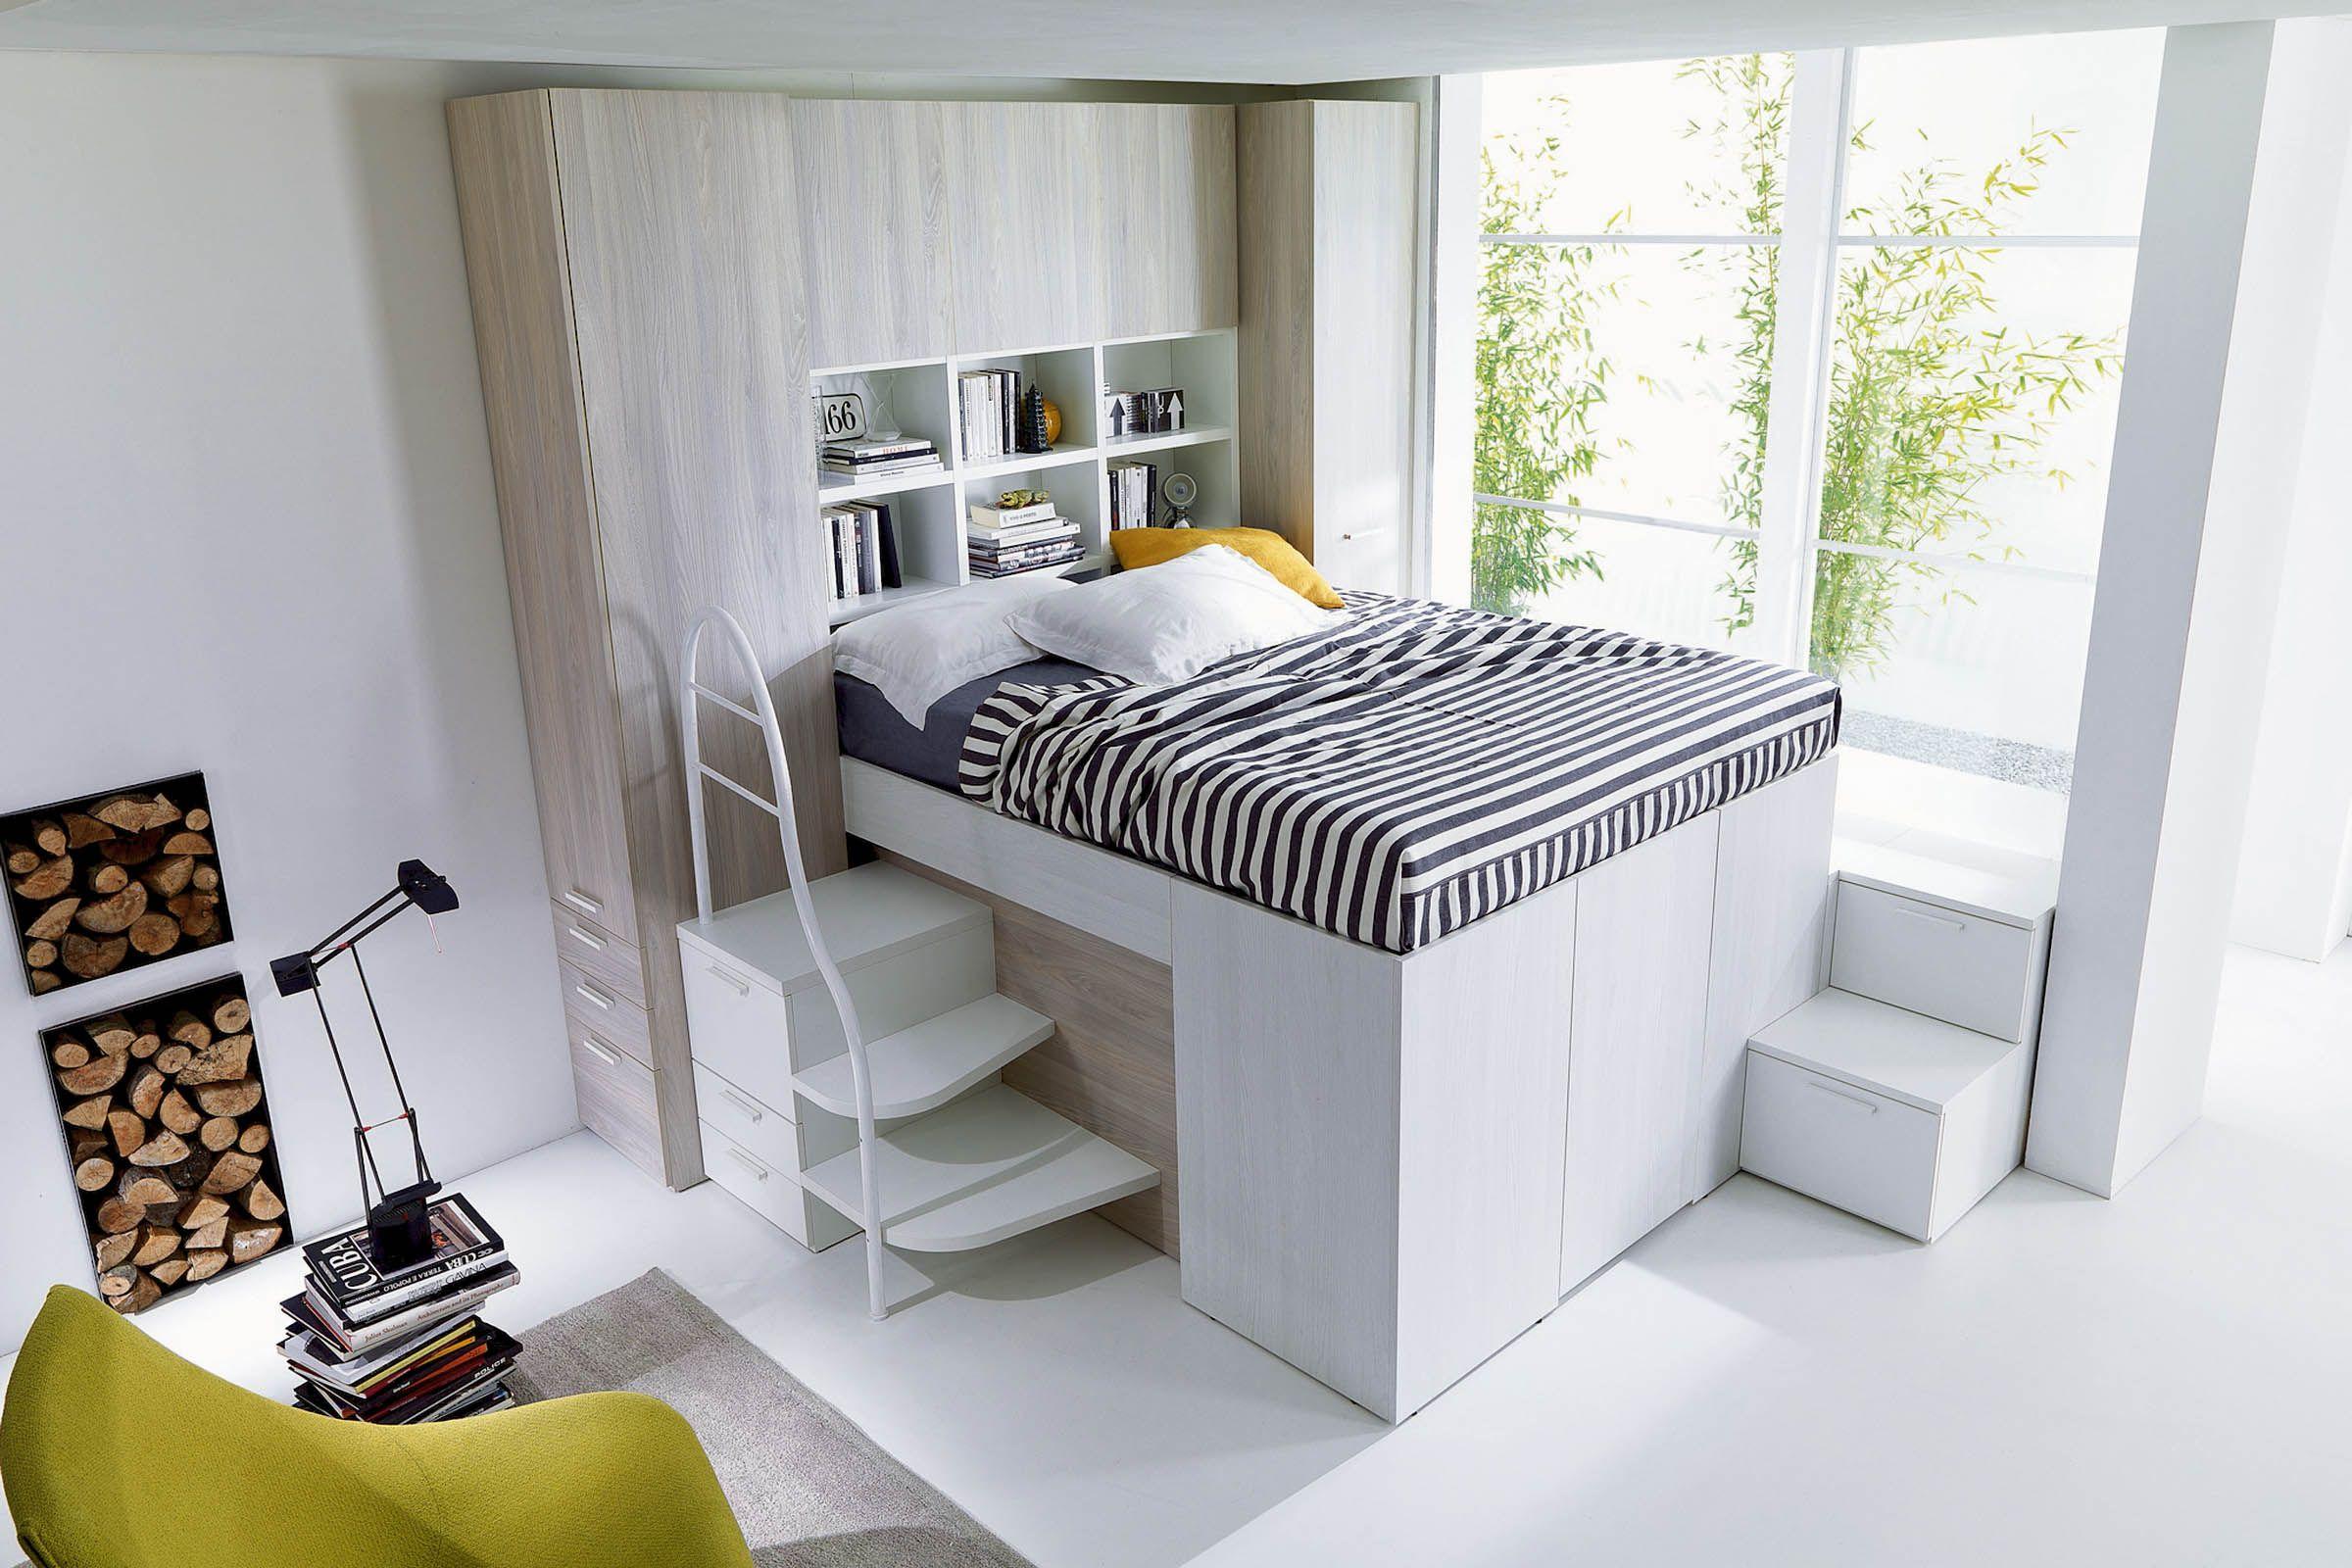 Idee Camere Da Letto Salvaspazio camera componibile salvaspazio moderna d26 | letti a